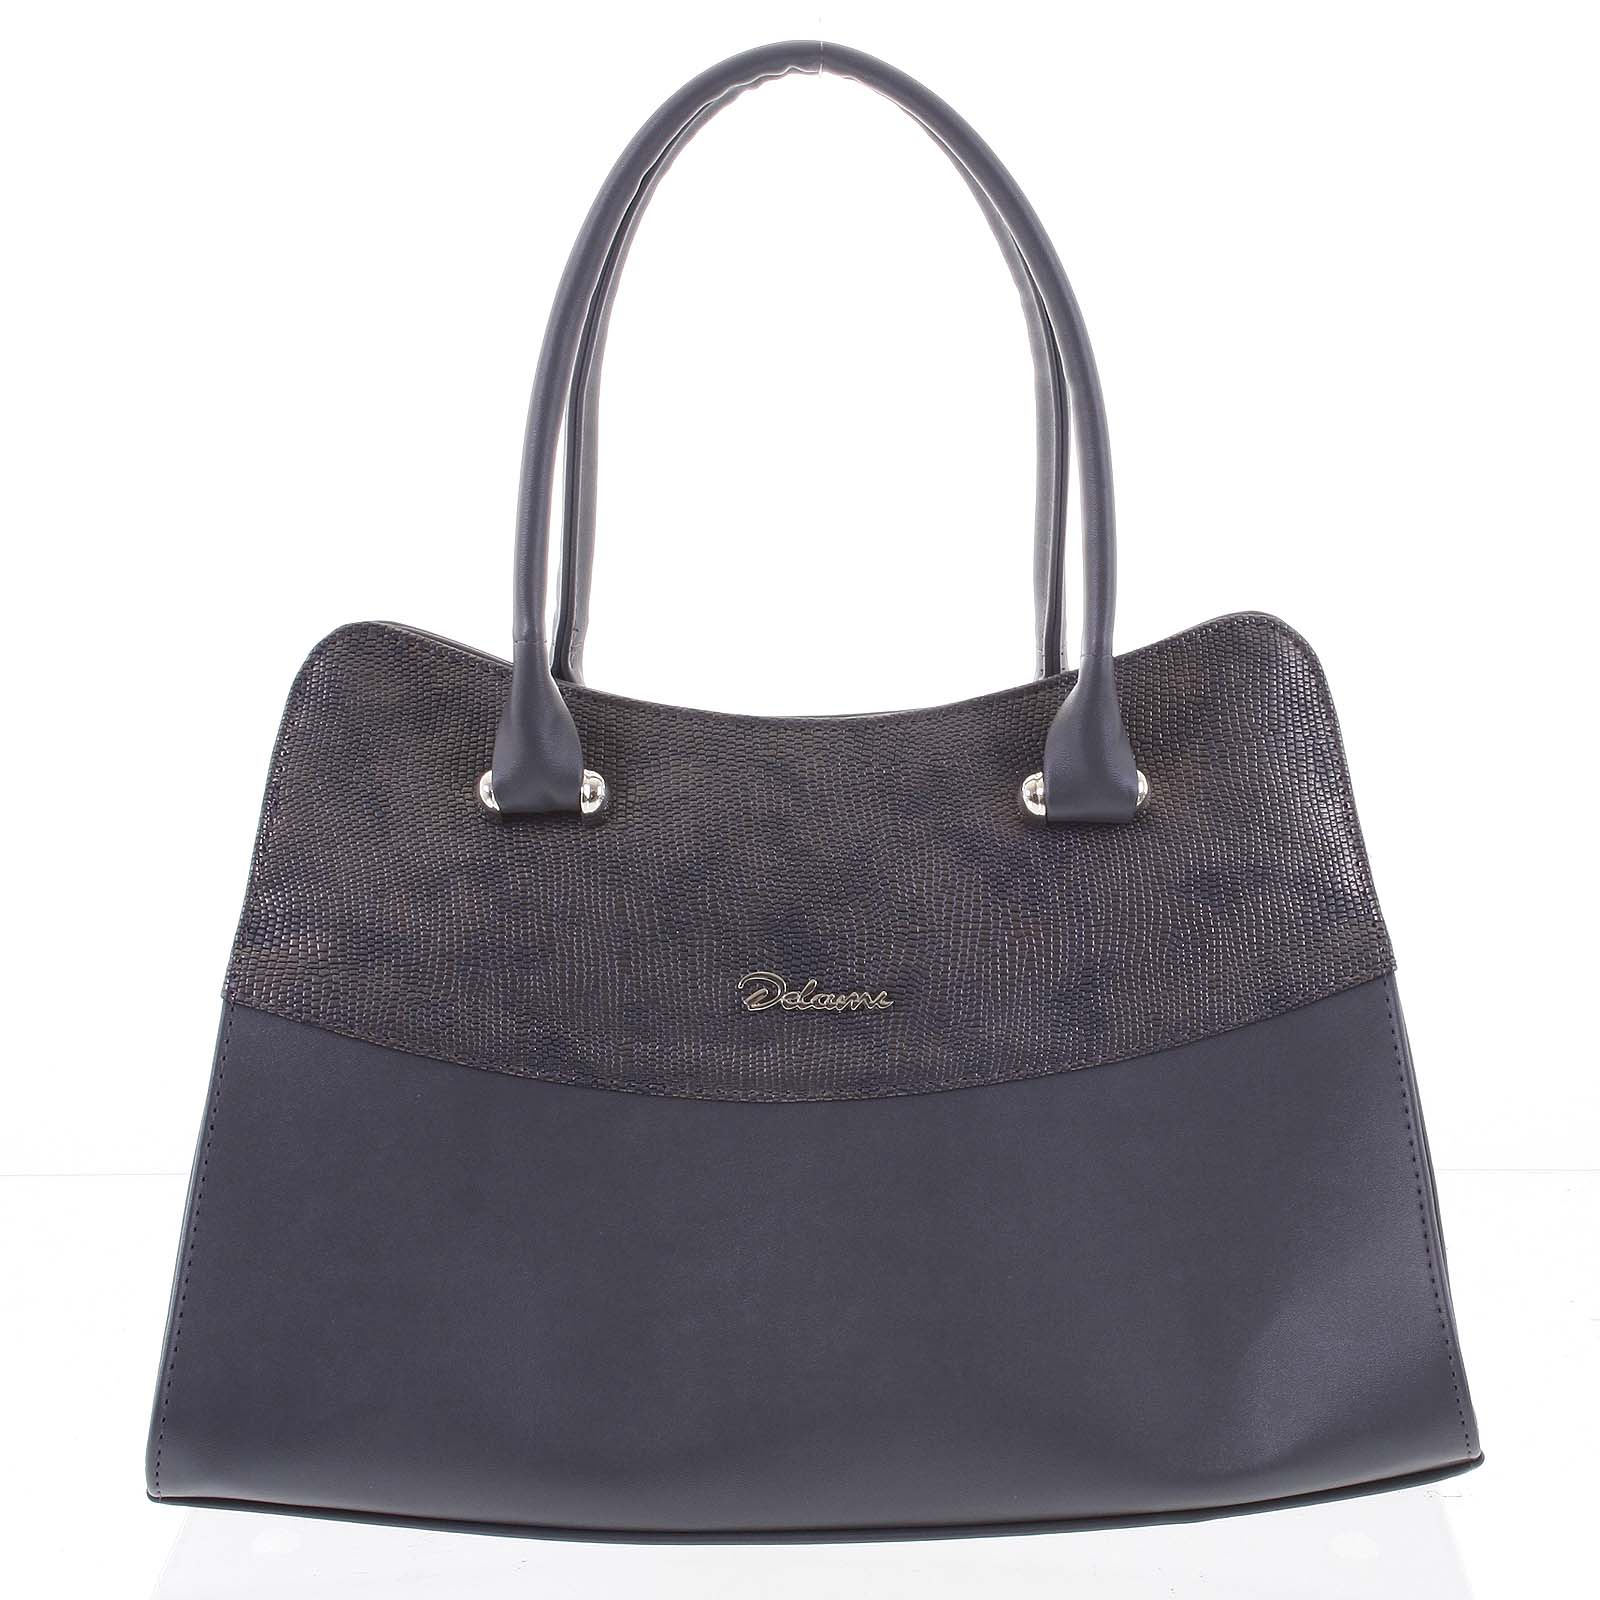 Módní dámská kabelka do ruky šedá - Delami Elliana